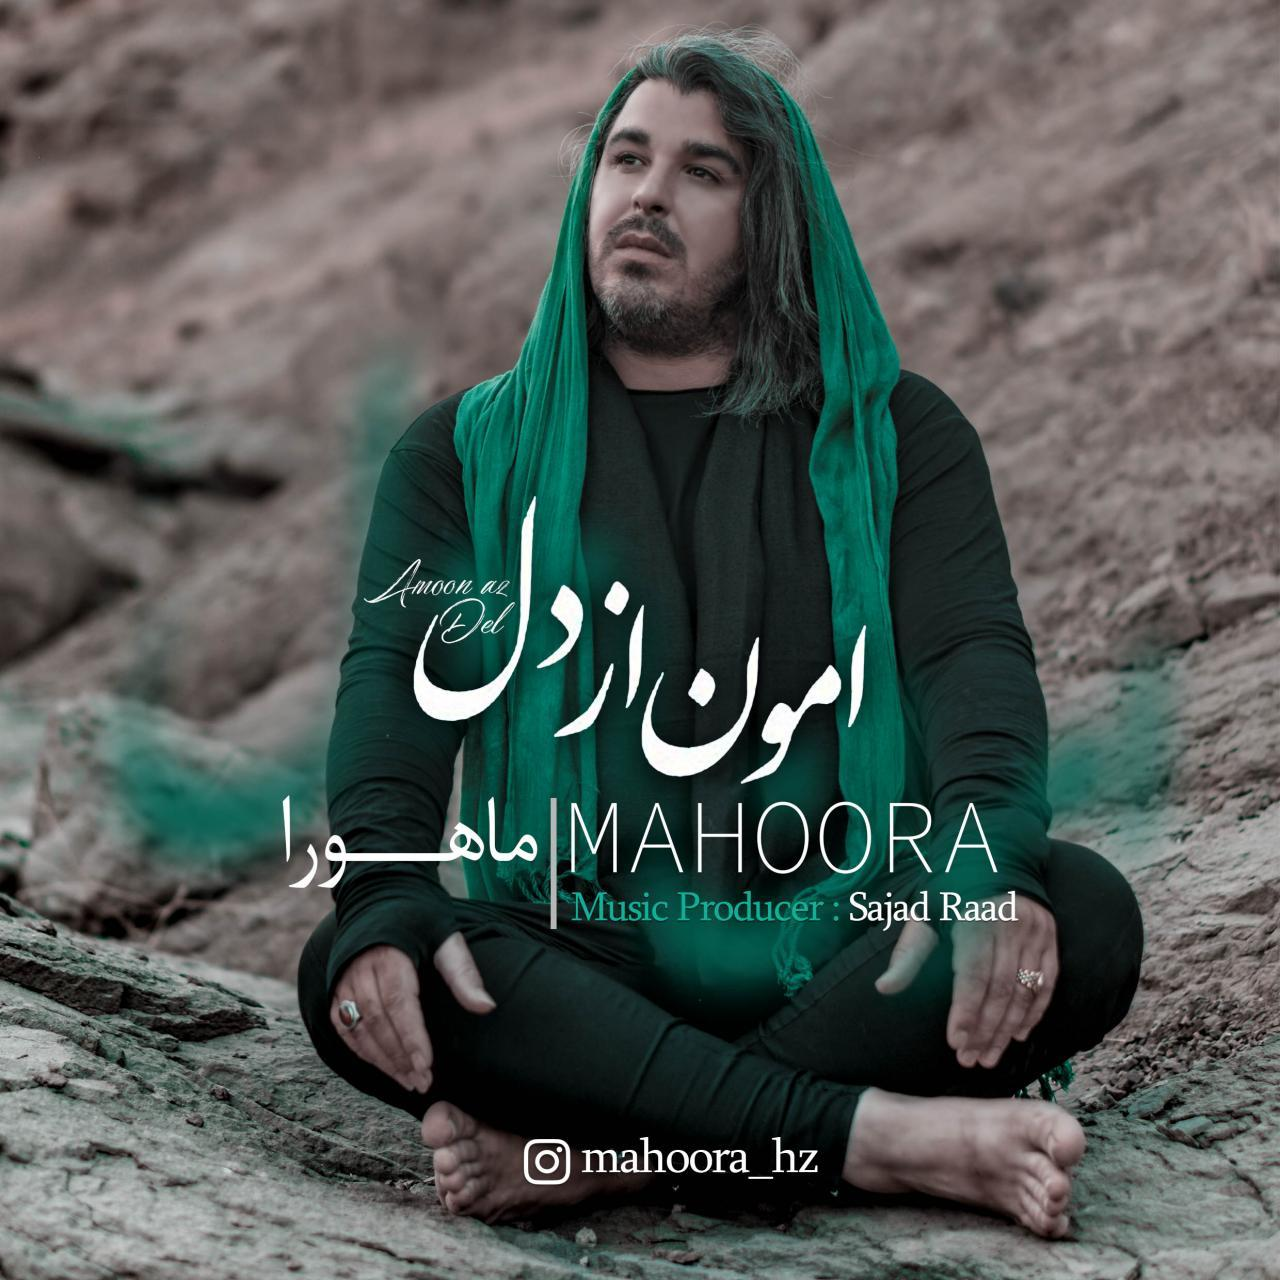 Mahoora – Amoon Az Del